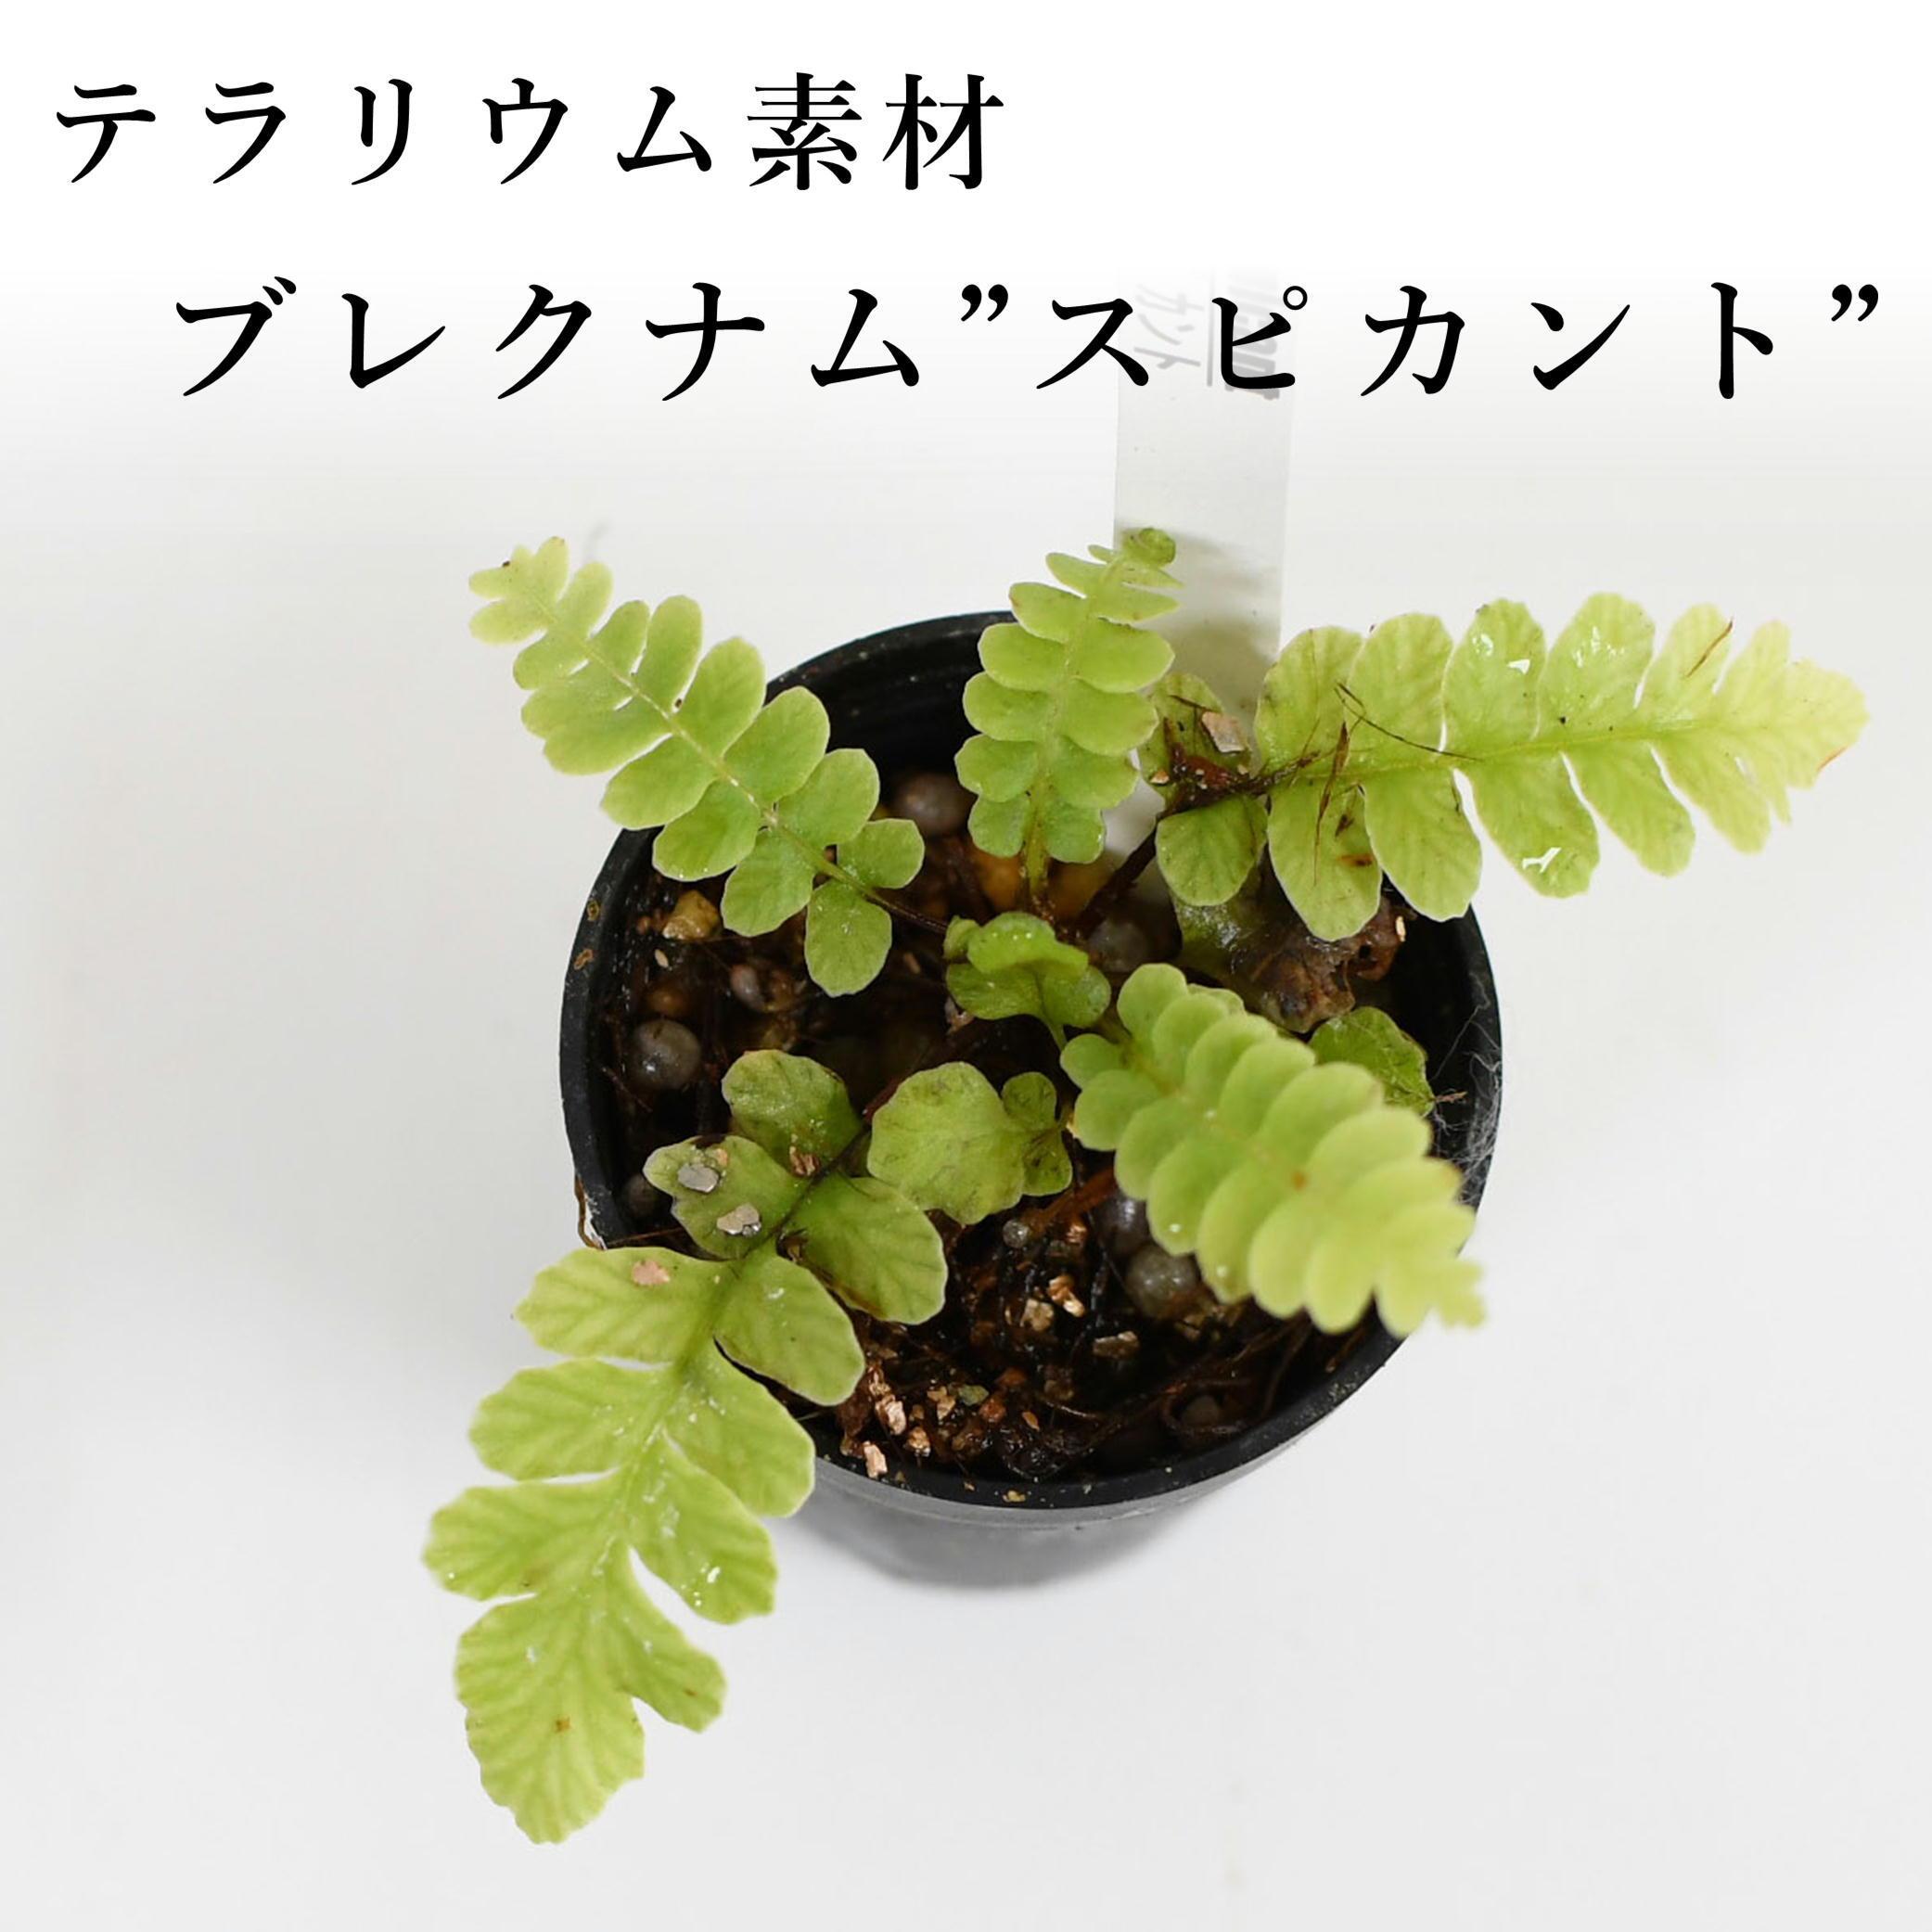 """ブレクナム""""スピカント""""(シダ植物) 苔テラリウム作製用素材"""